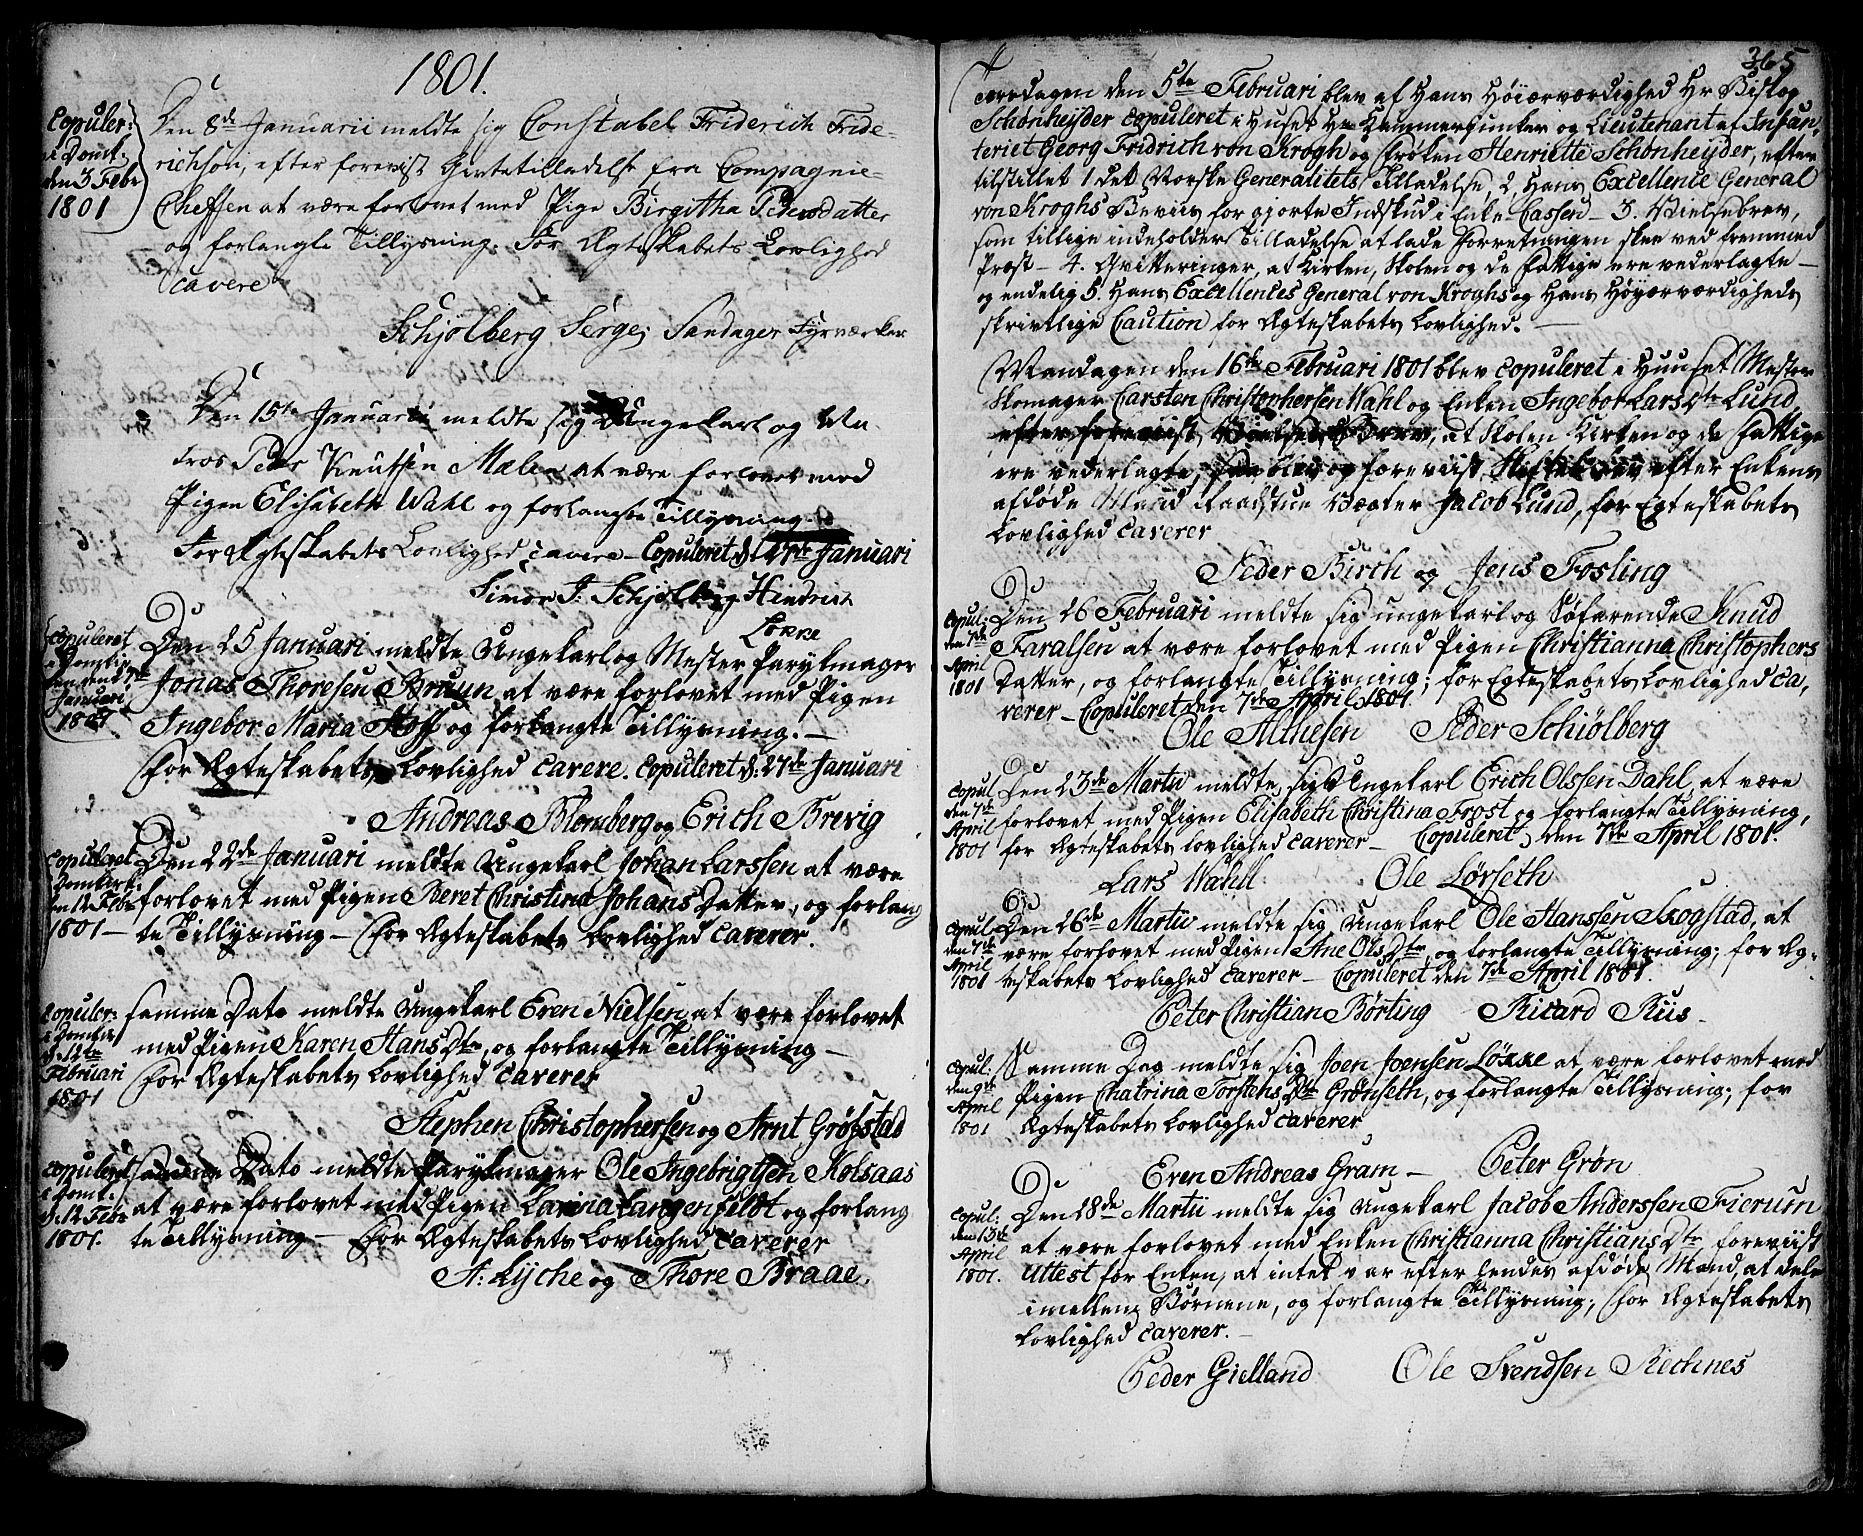 SAT, Ministerialprotokoller, klokkerbøker og fødselsregistre - Sør-Trøndelag, 601/L0038: Ministerialbok nr. 601A06, 1766-1877, s. 365